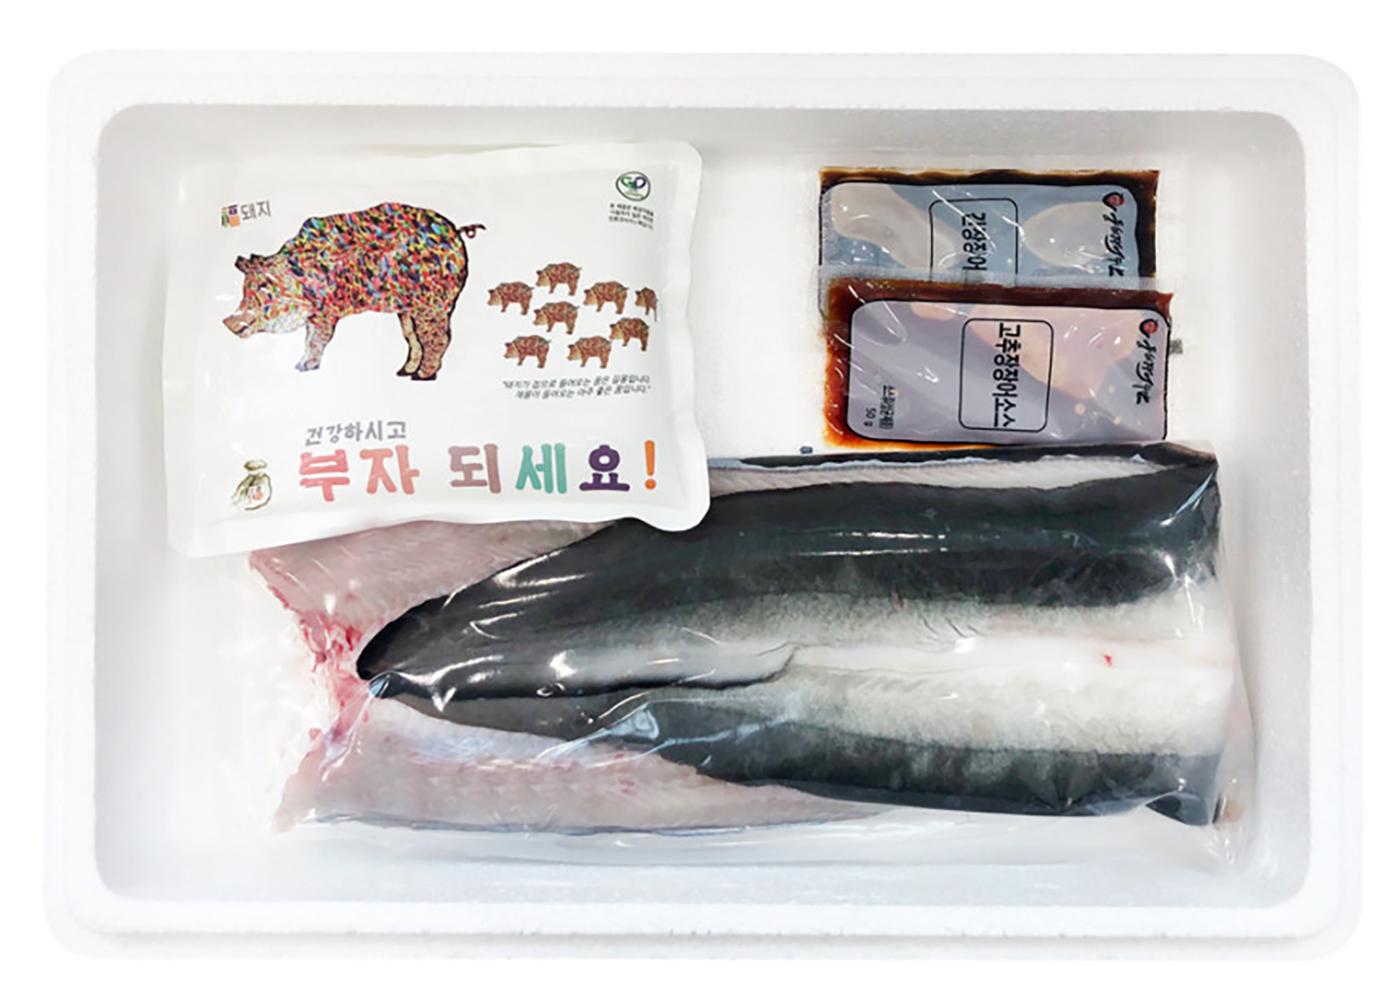 산지 직송 풍천 손질 민물장어 1kg 상세이미지6